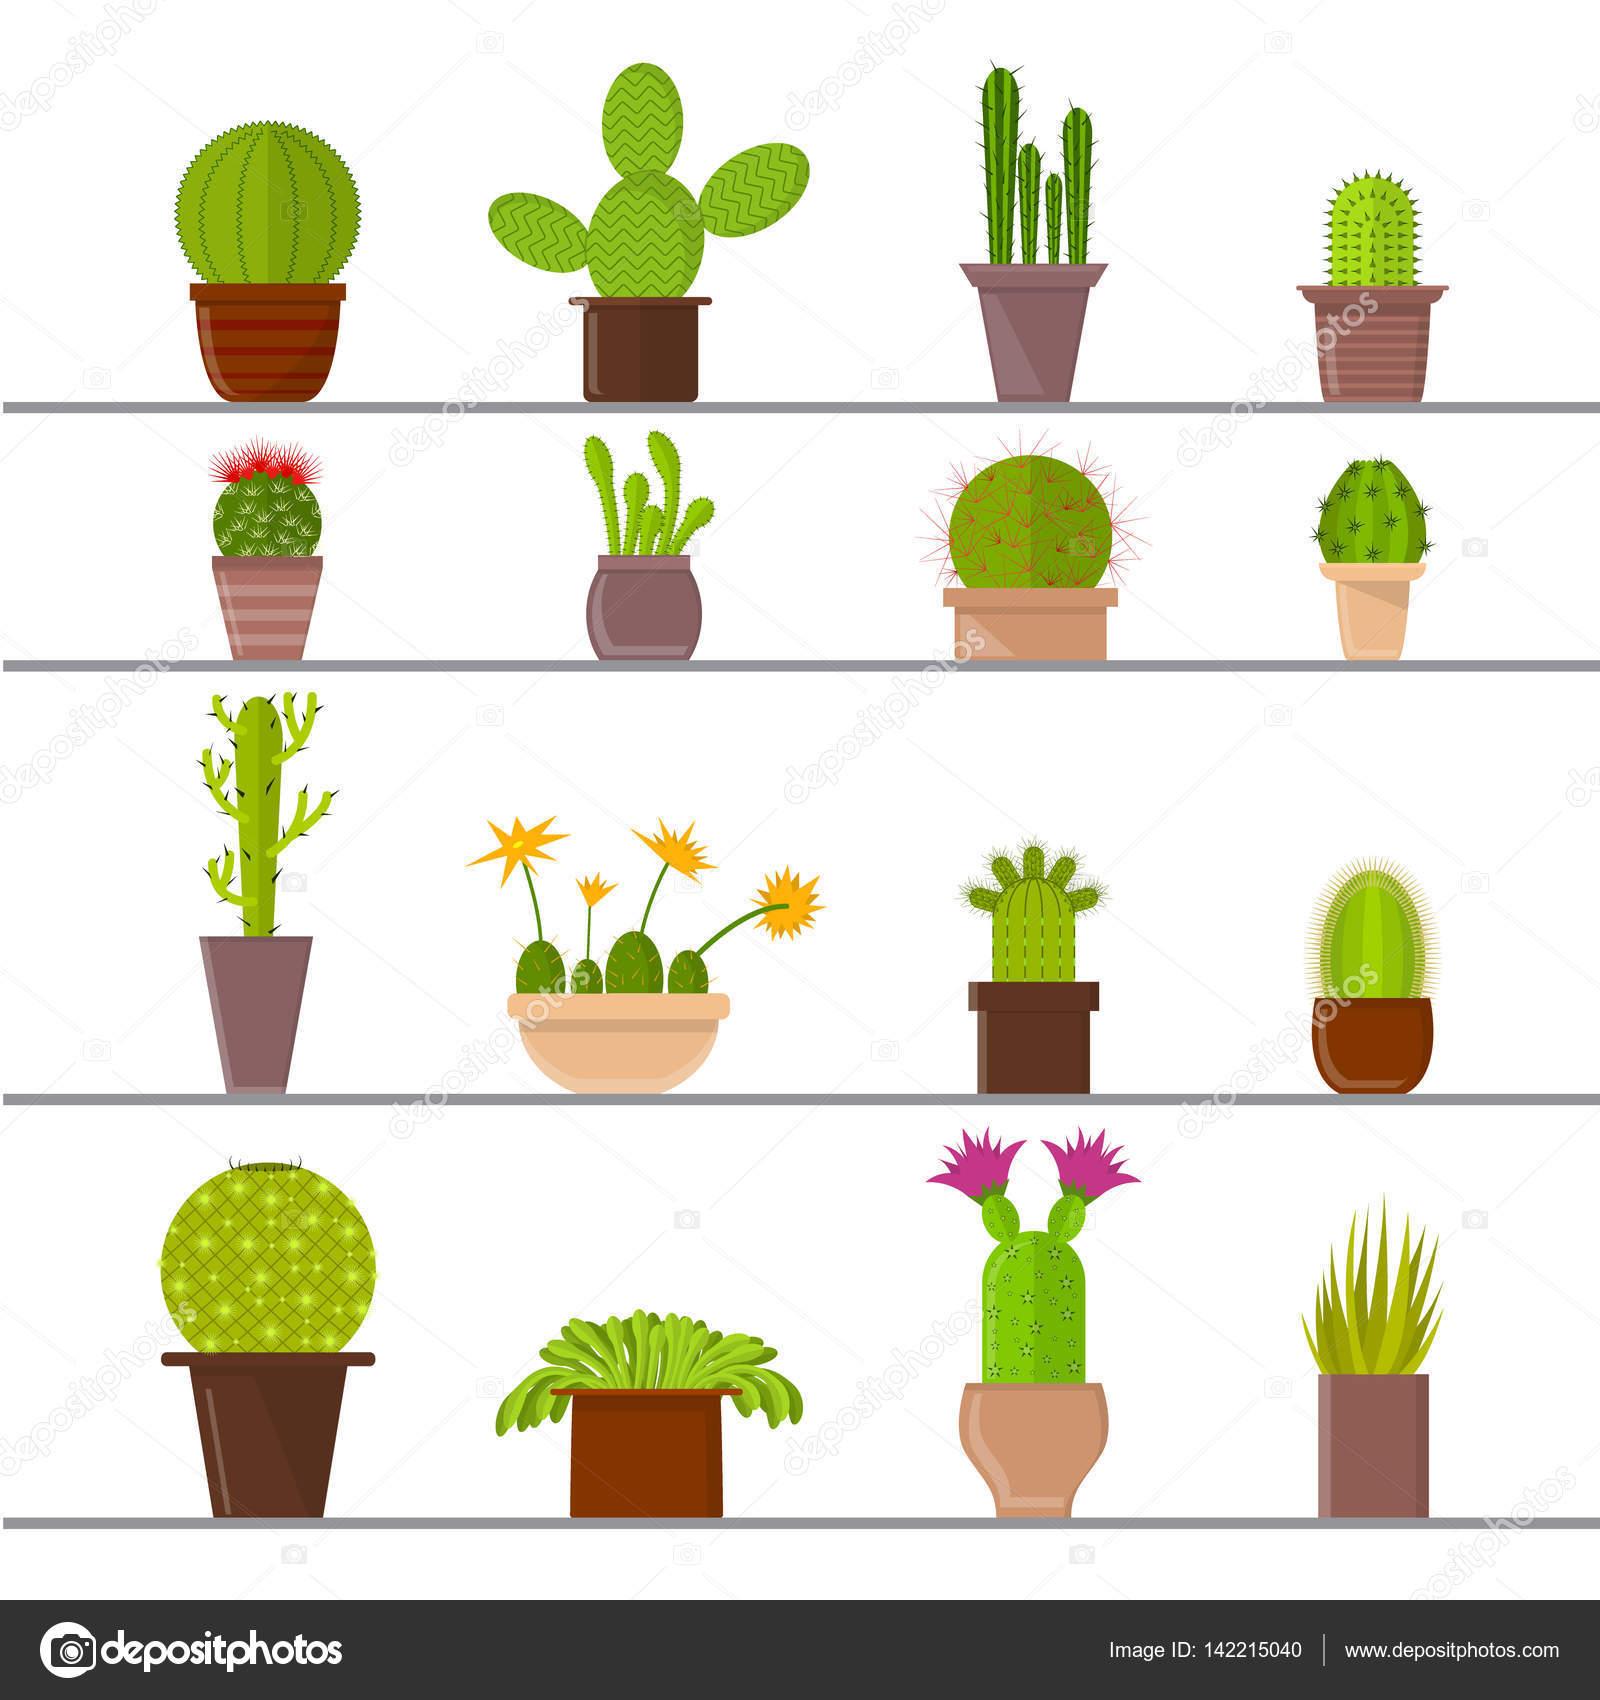 Dibujos animados plantas cactus en macetas vector de for Imagenes de plantas en macetas